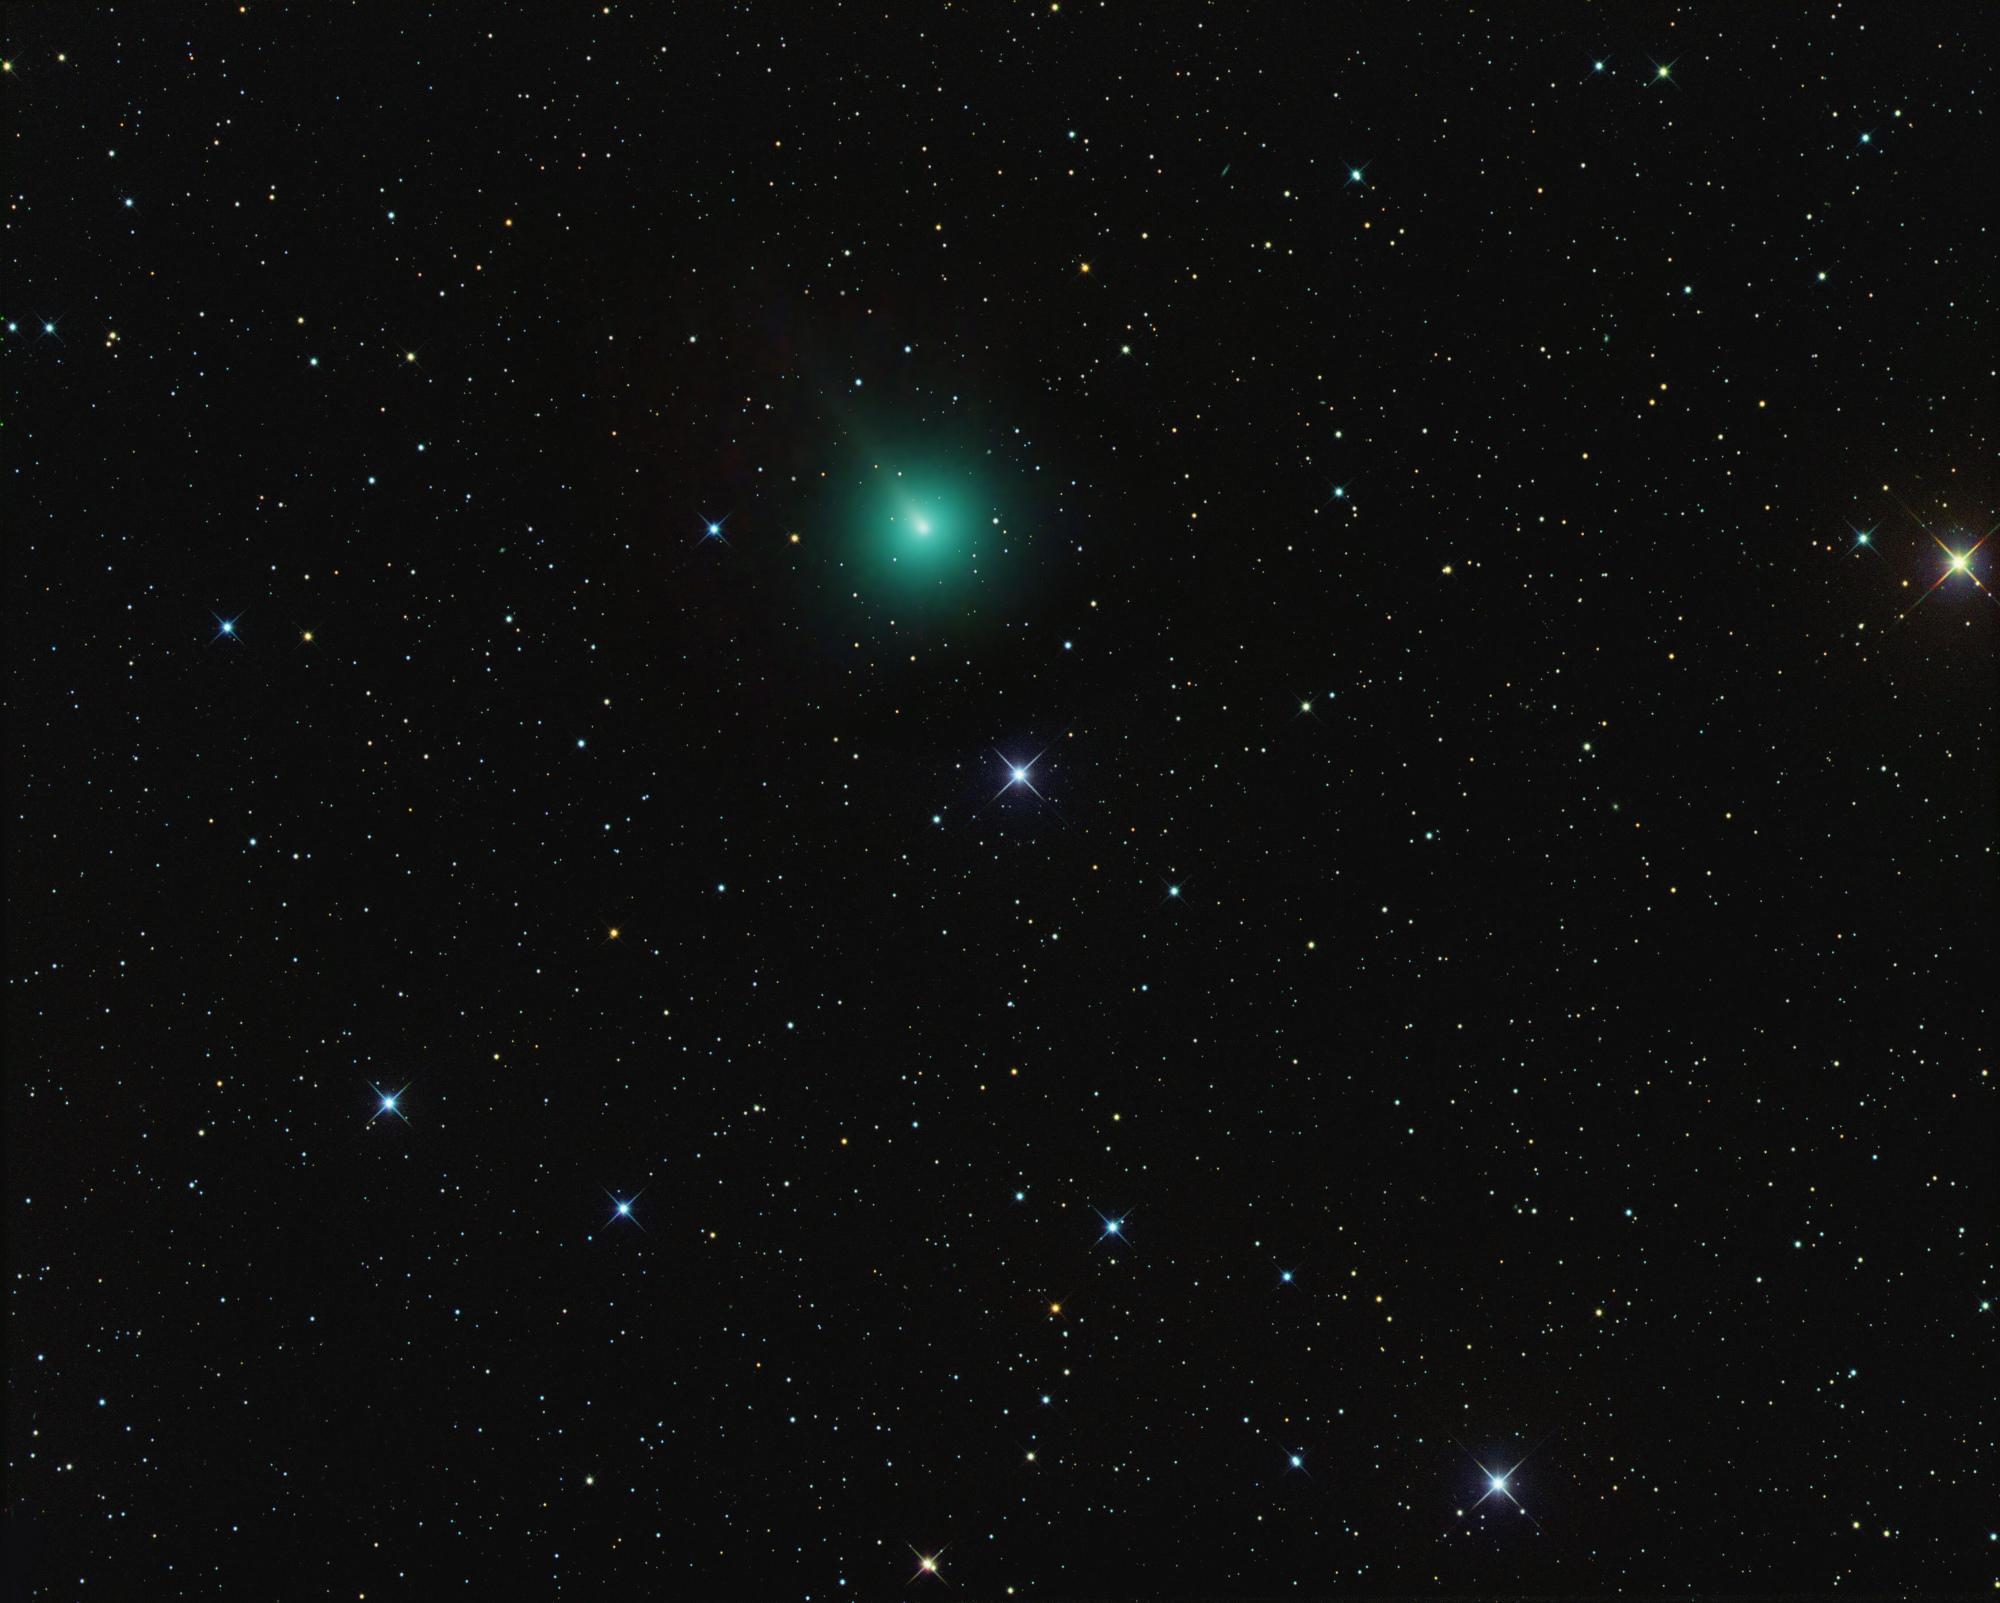 ComèteV2.jpg